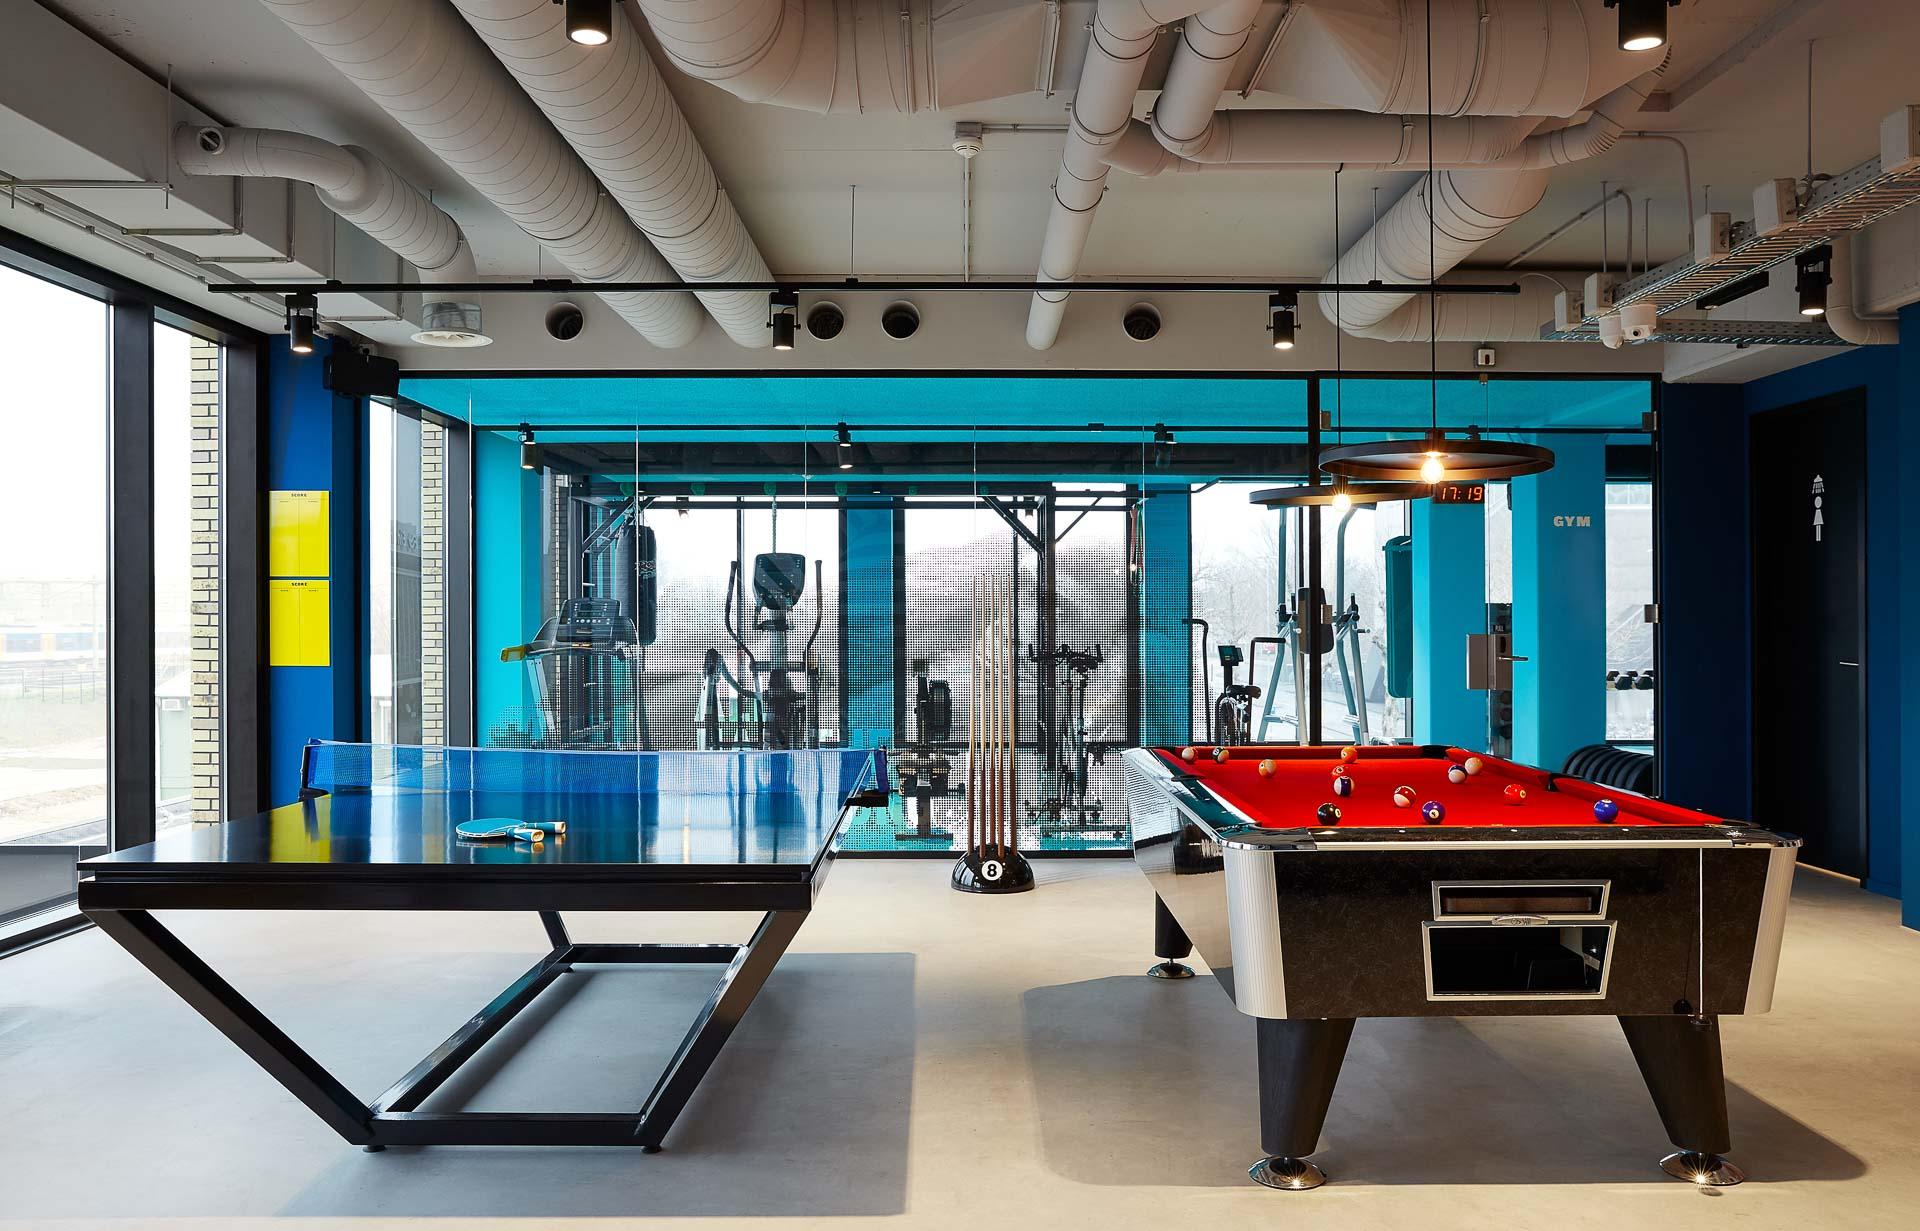 Eindhoven design hotel the student hotel for Designhotel maastricht comfort xl